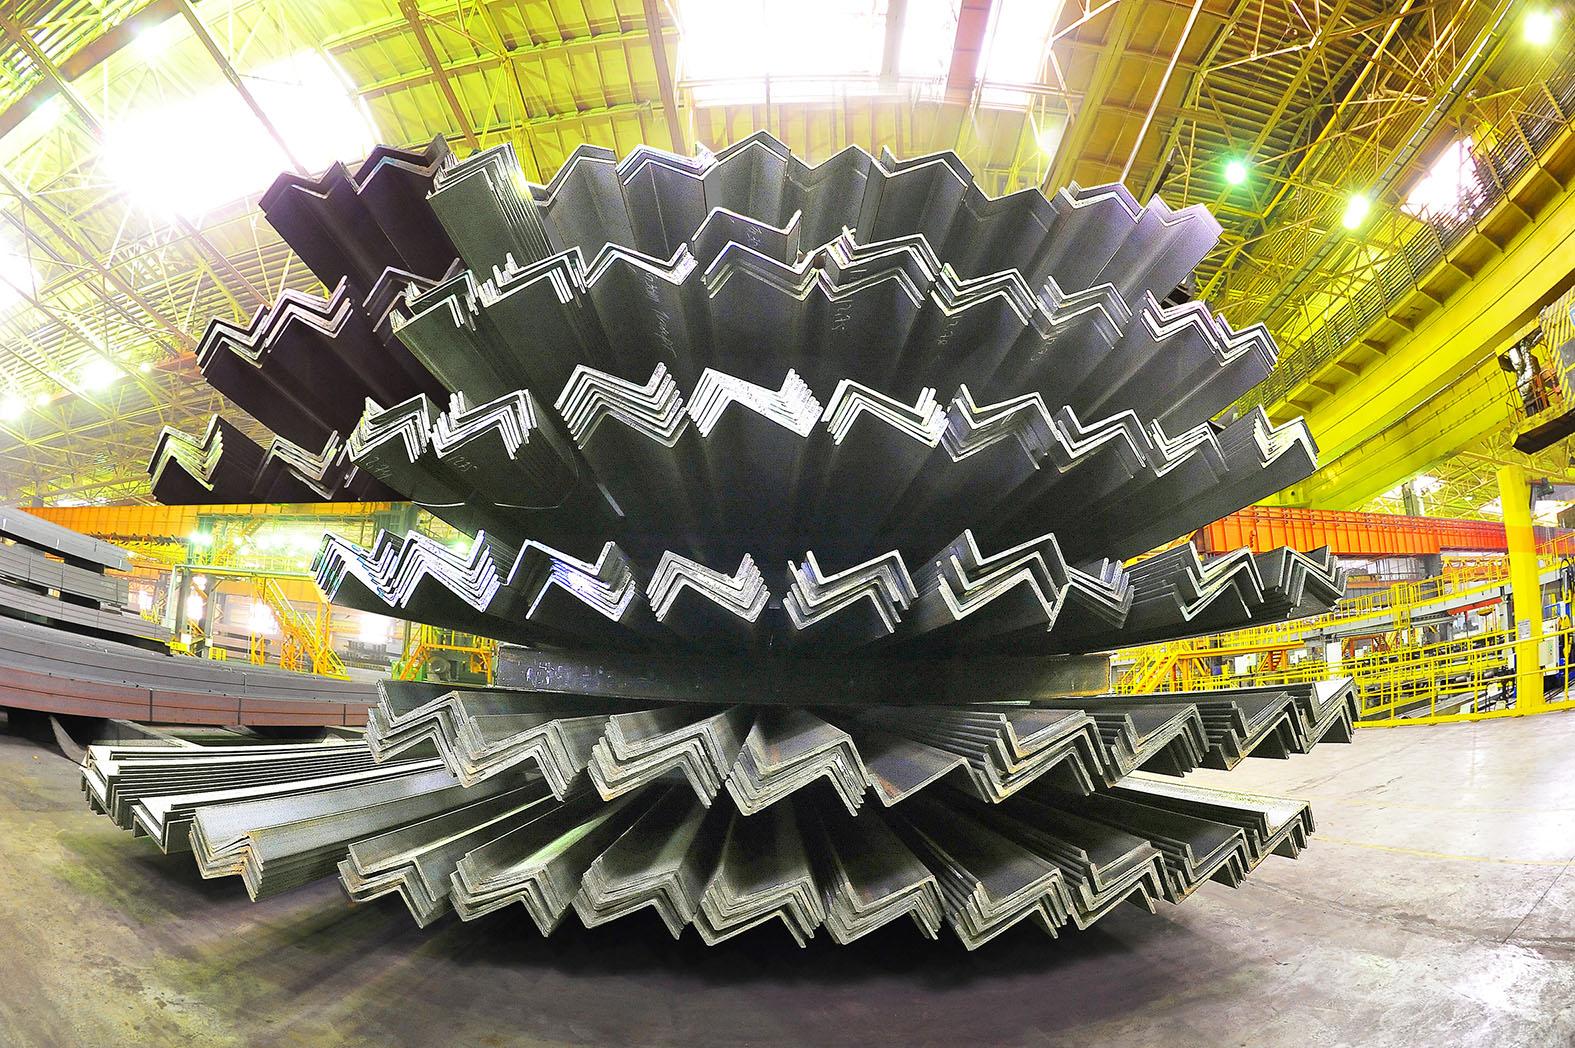 Челябинский металлургический комбинат (ПАО «ЧМК», входит в Группу «Мечел») представит на одной из